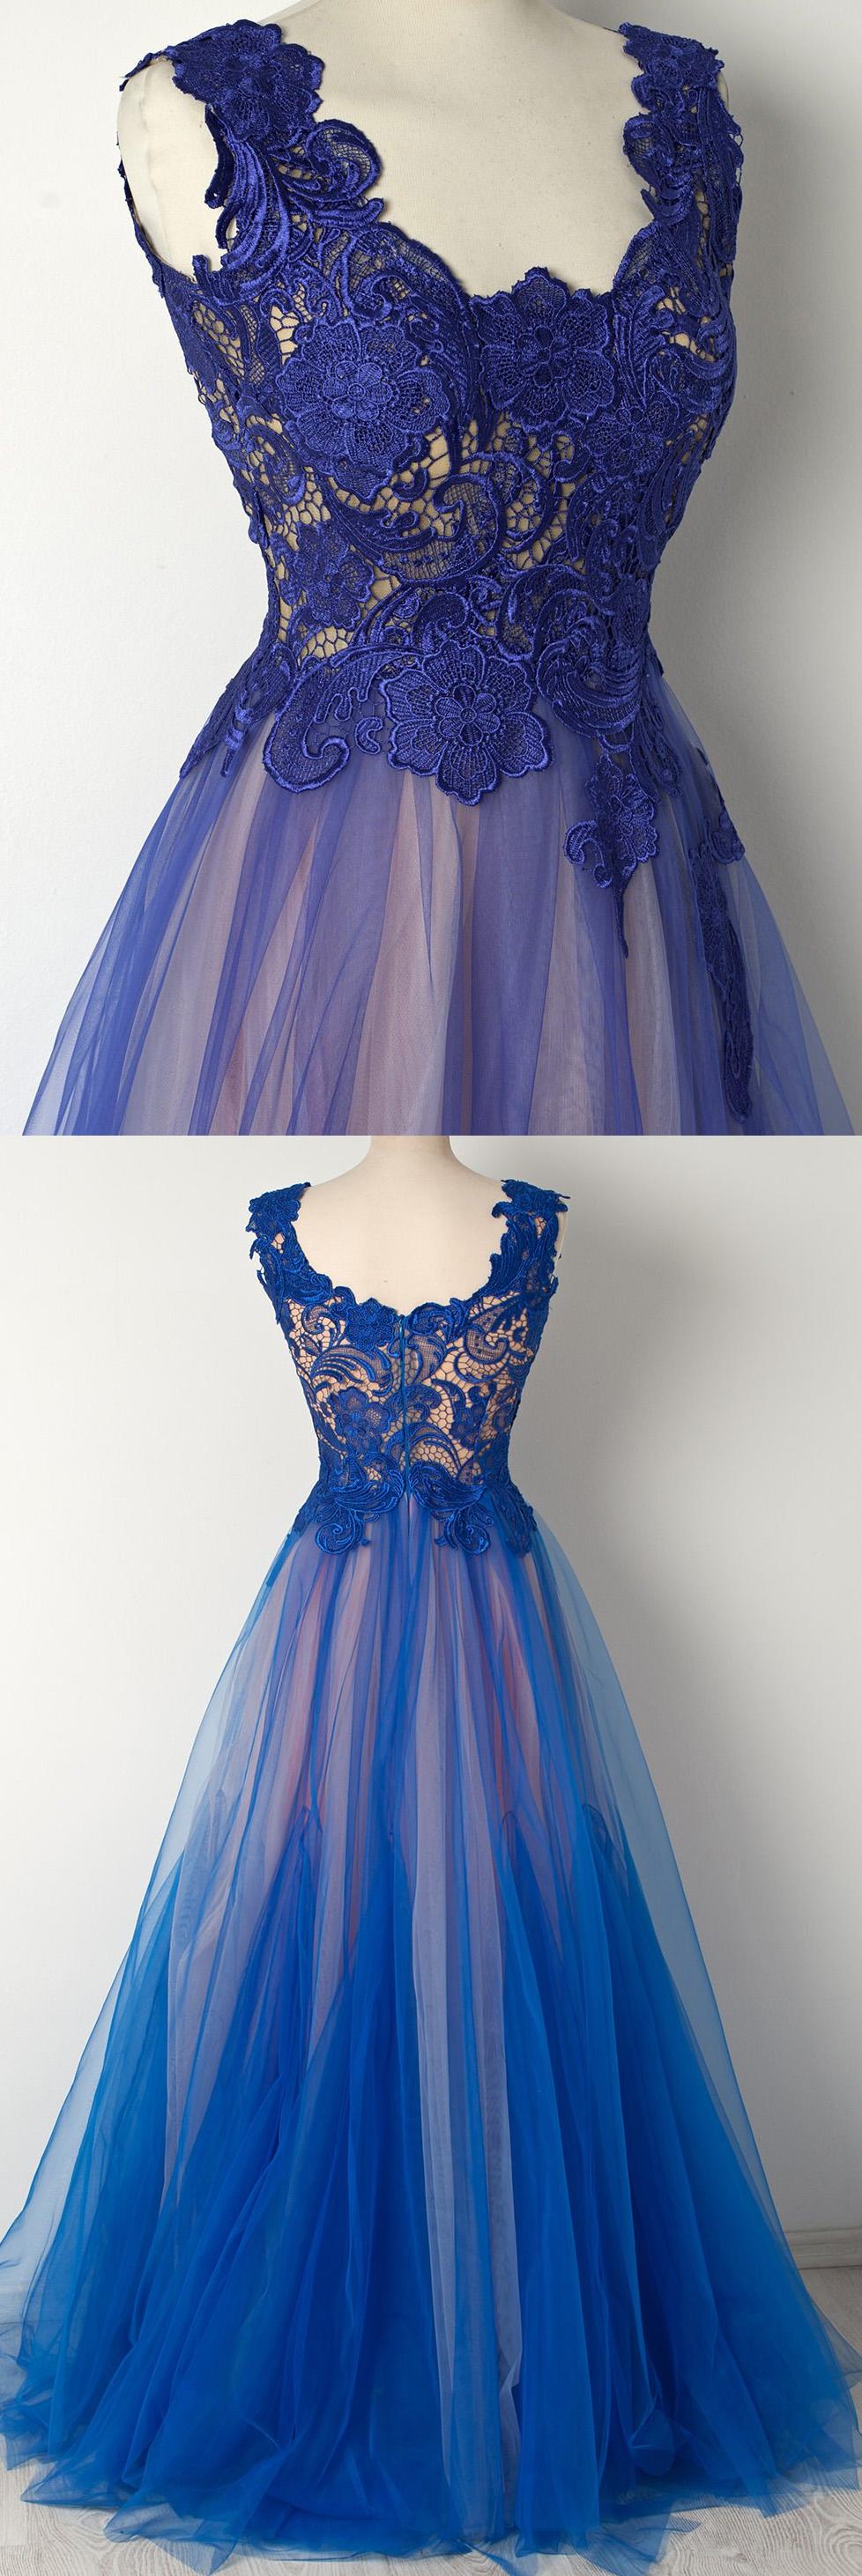 Blue prom dresses long prom dresses royal blue prom dresses lace